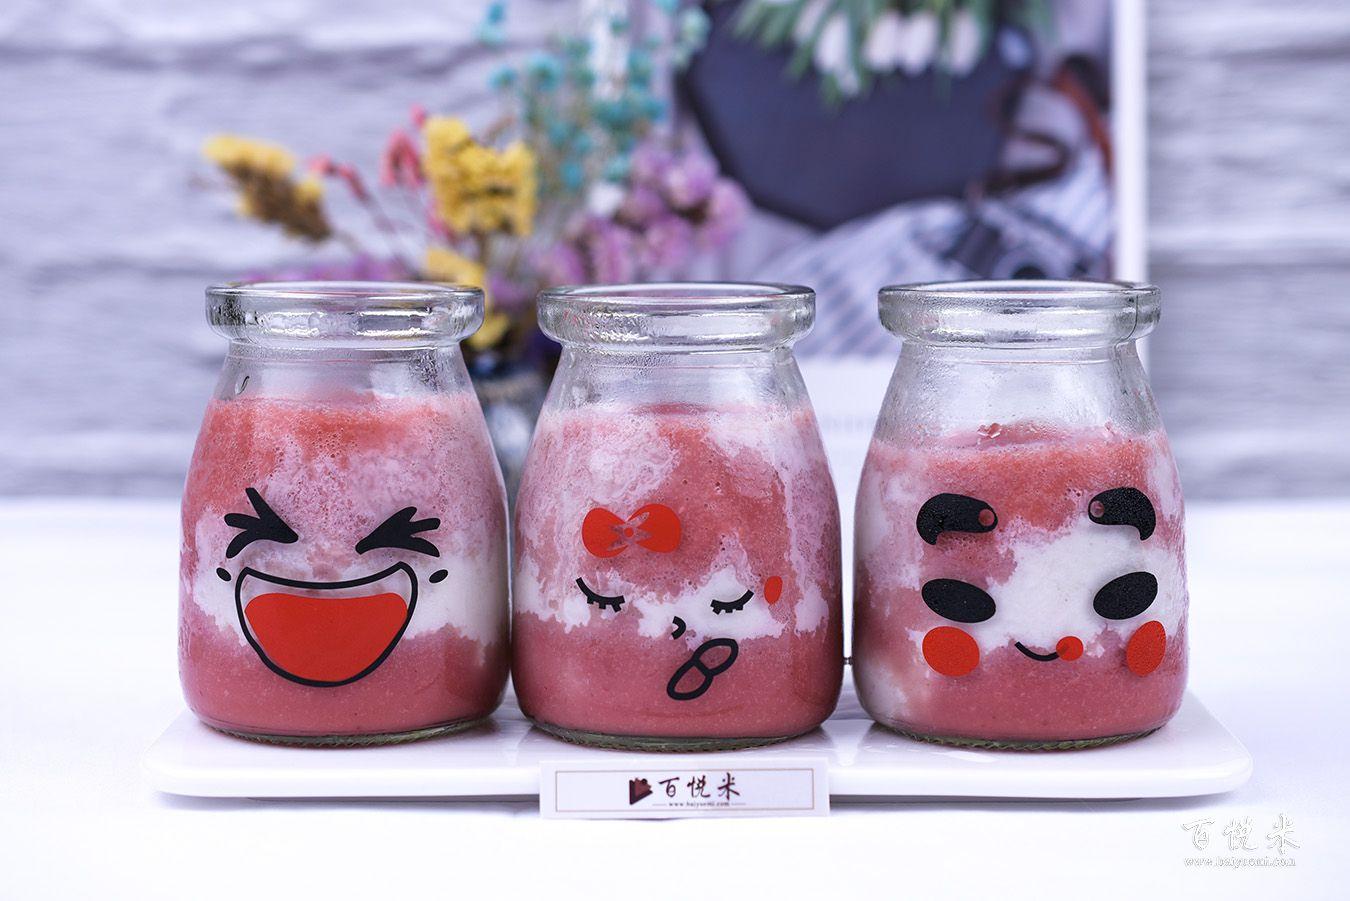 草莓果冻高清图片大全【蛋糕图片】_1250